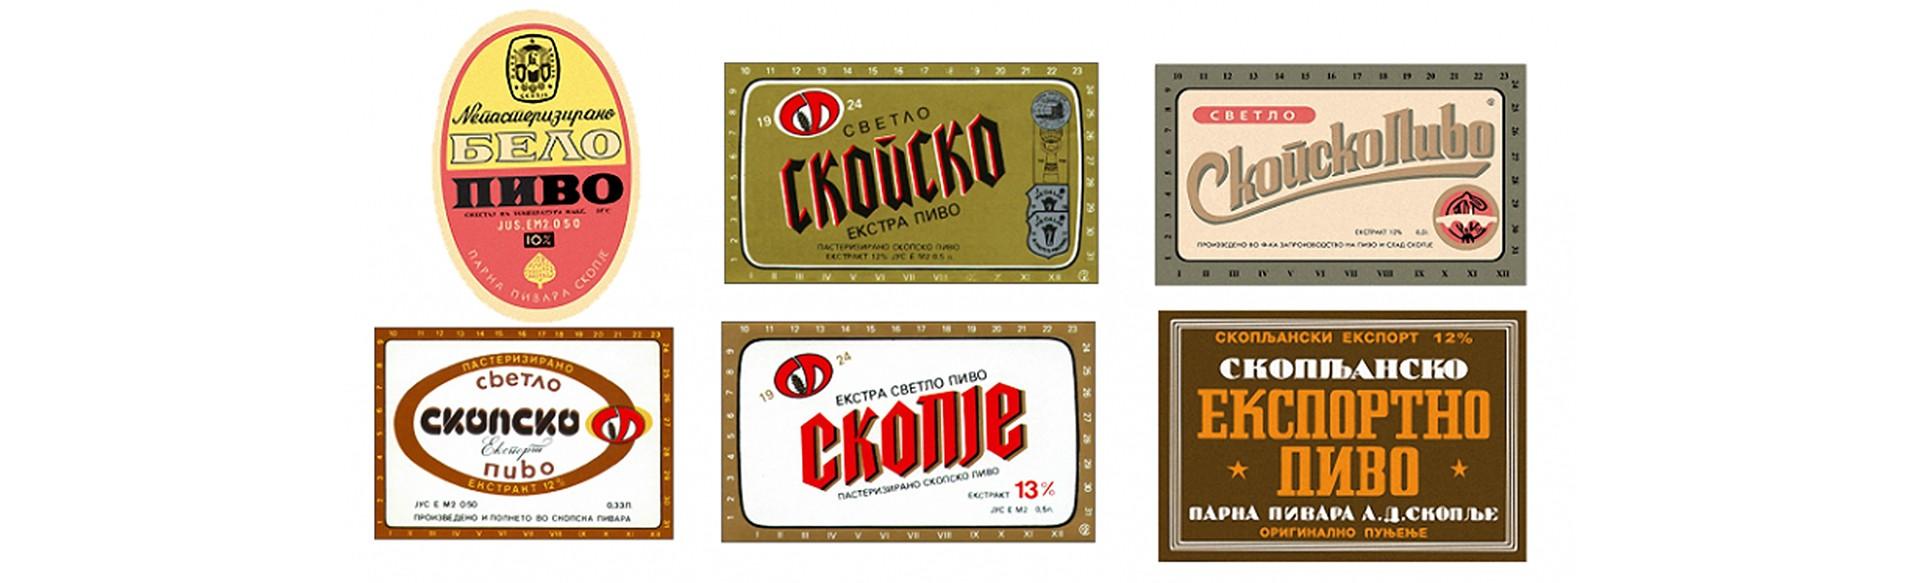 svetot na pivskite etiketi